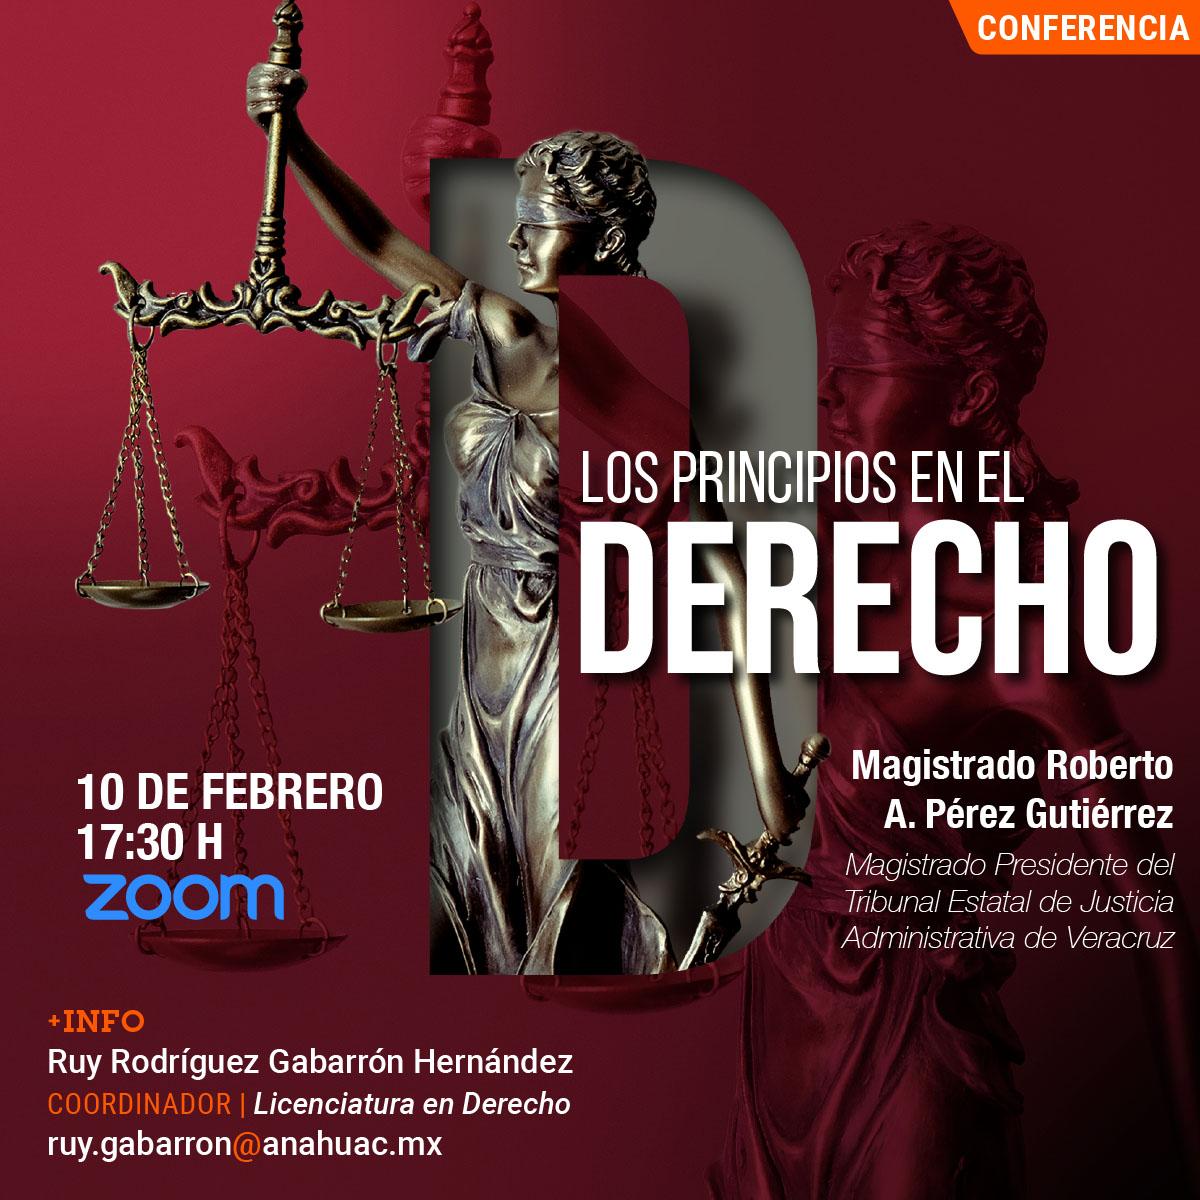 Los Principios en el Derecho